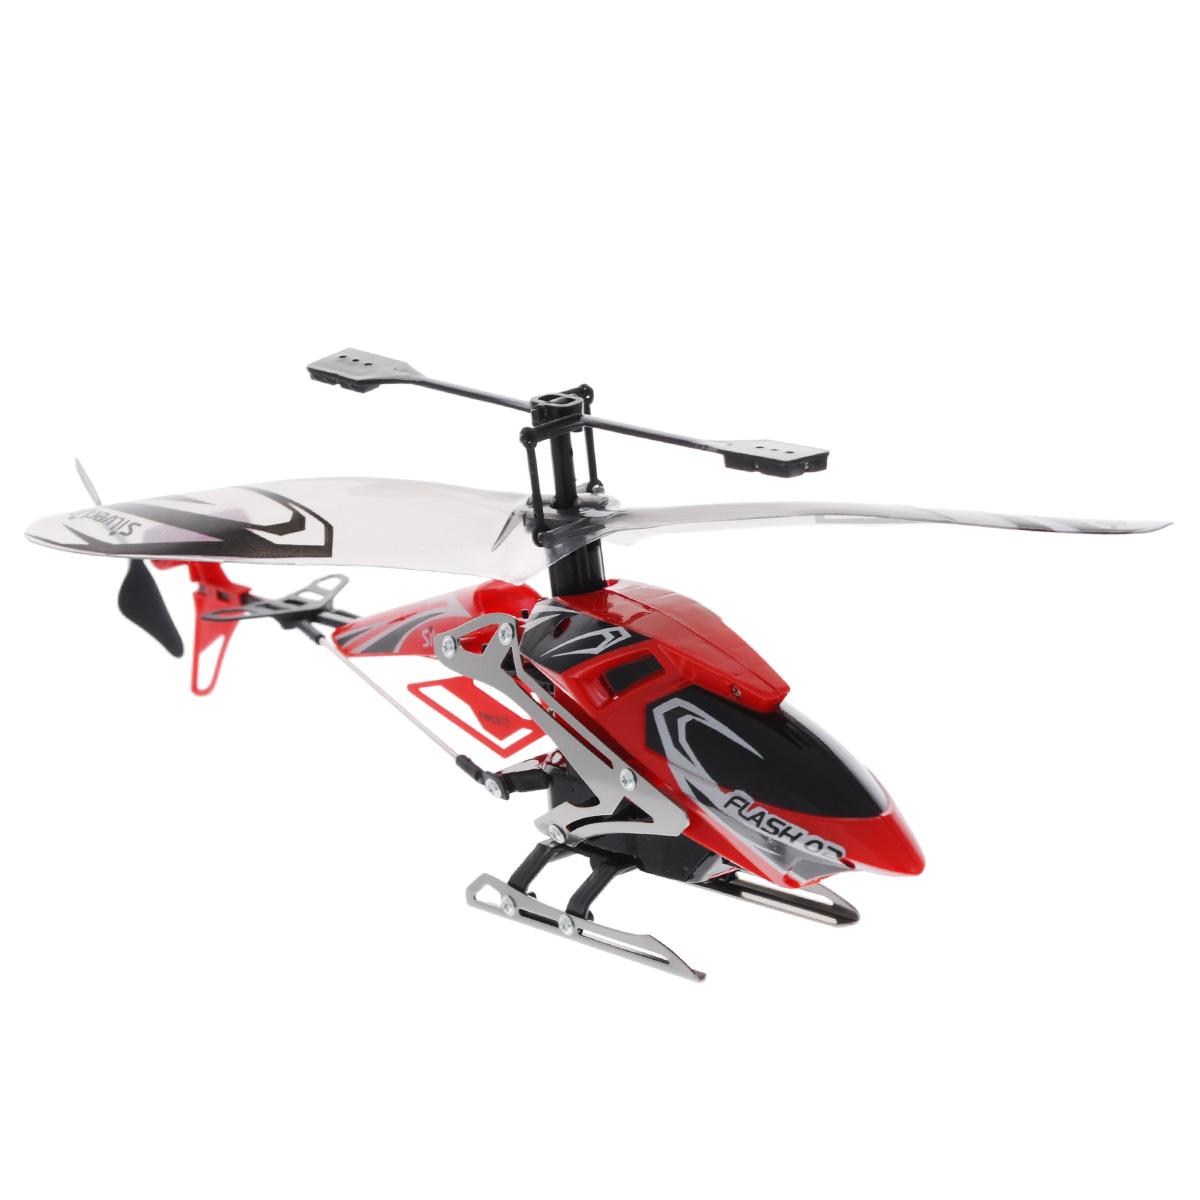 Silverlit Вертолет на радиоуправлении Штурмовик цвет красный игрушка silverlit икс булл te170